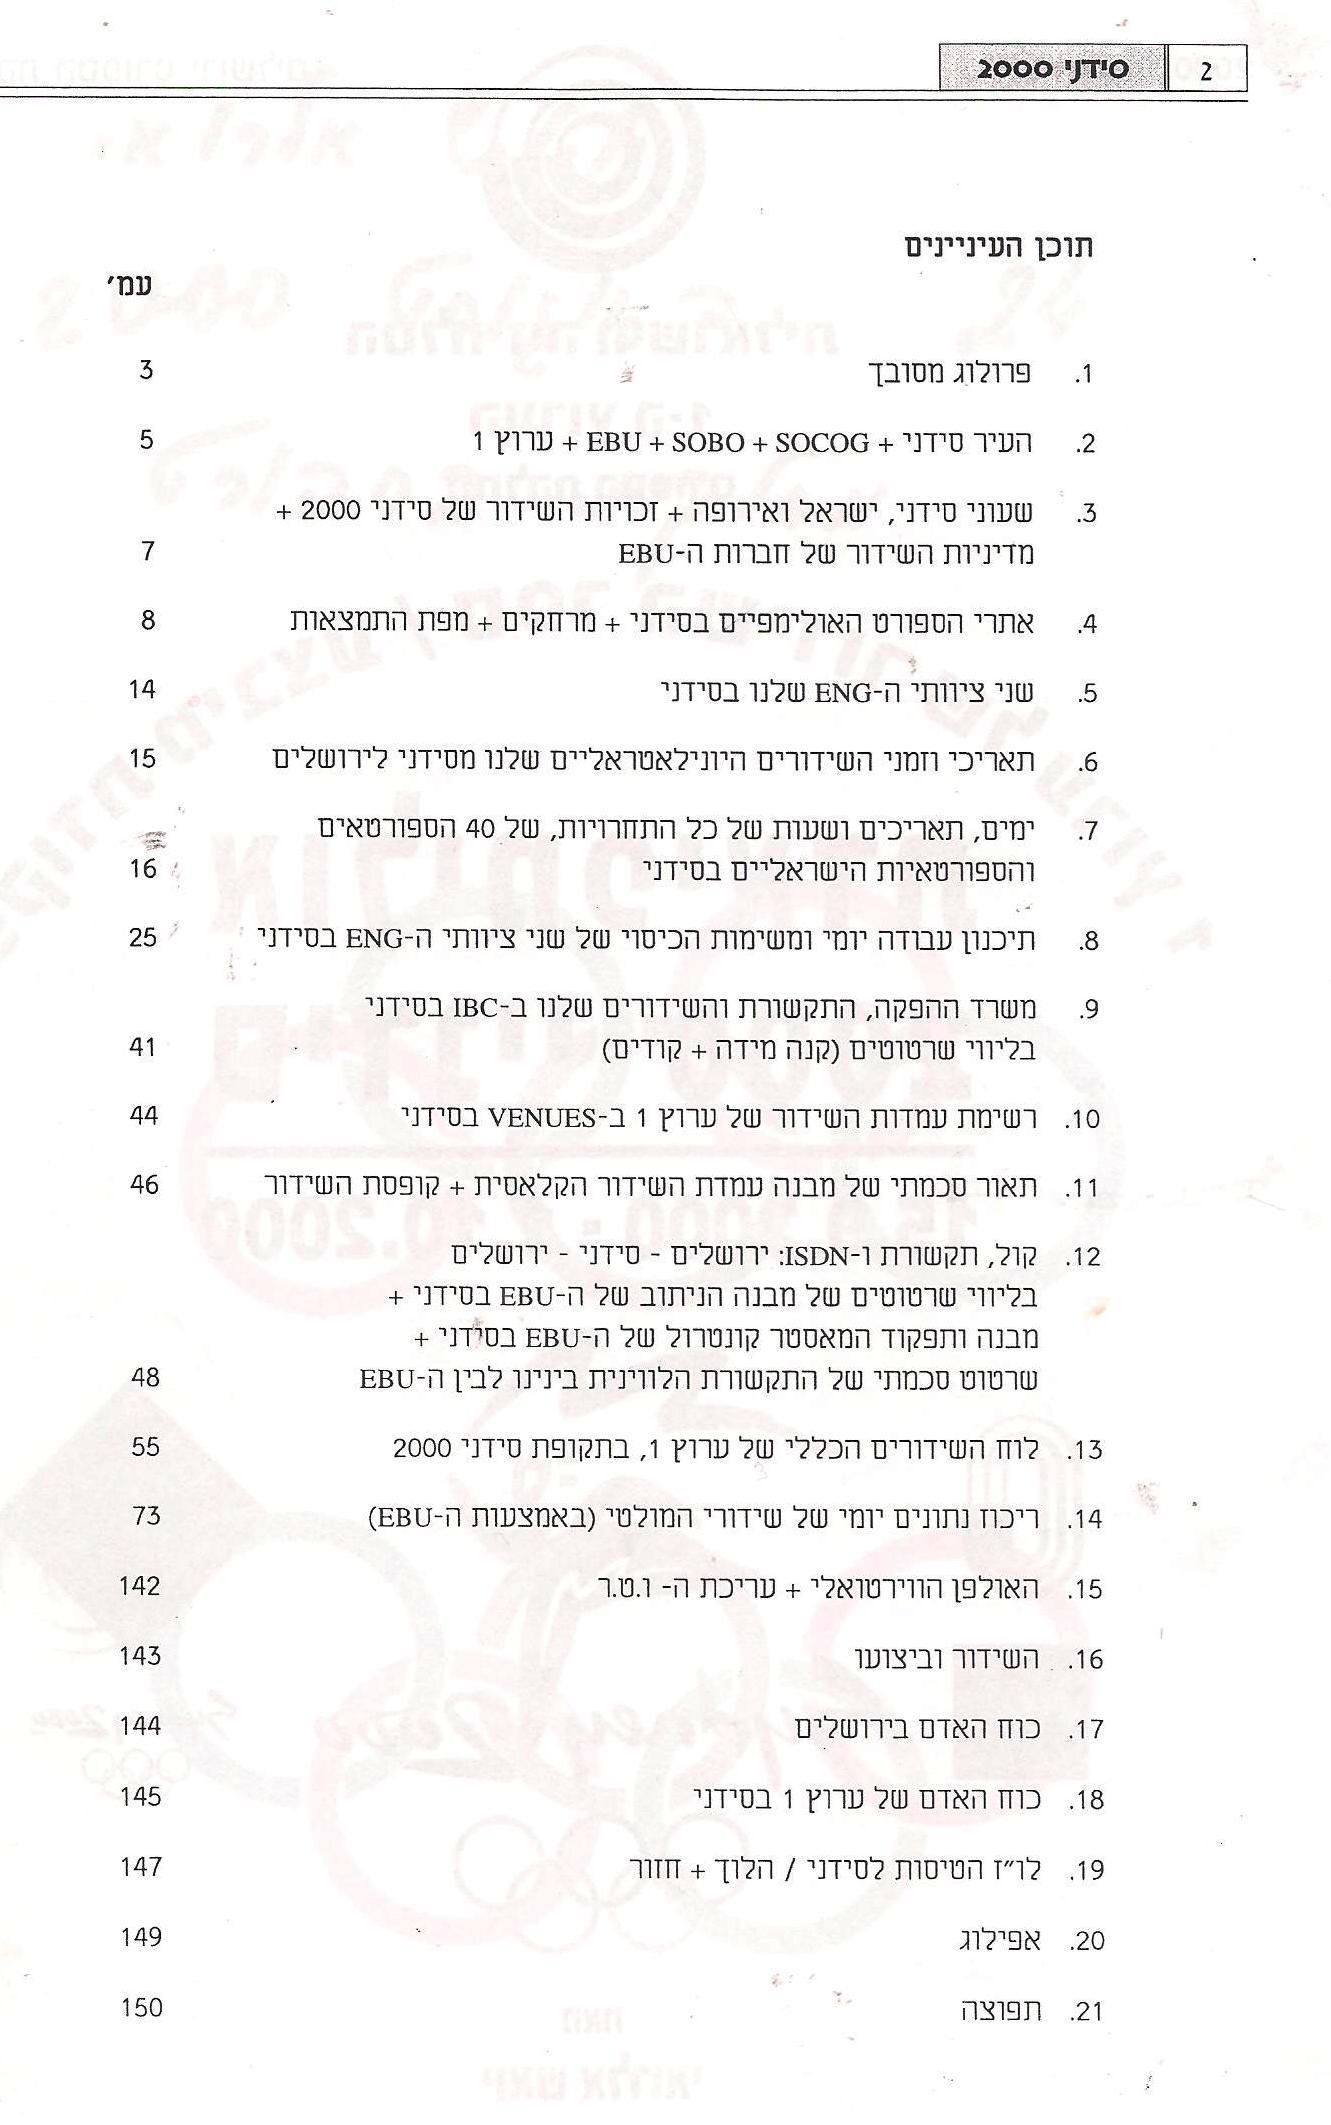 raport 25